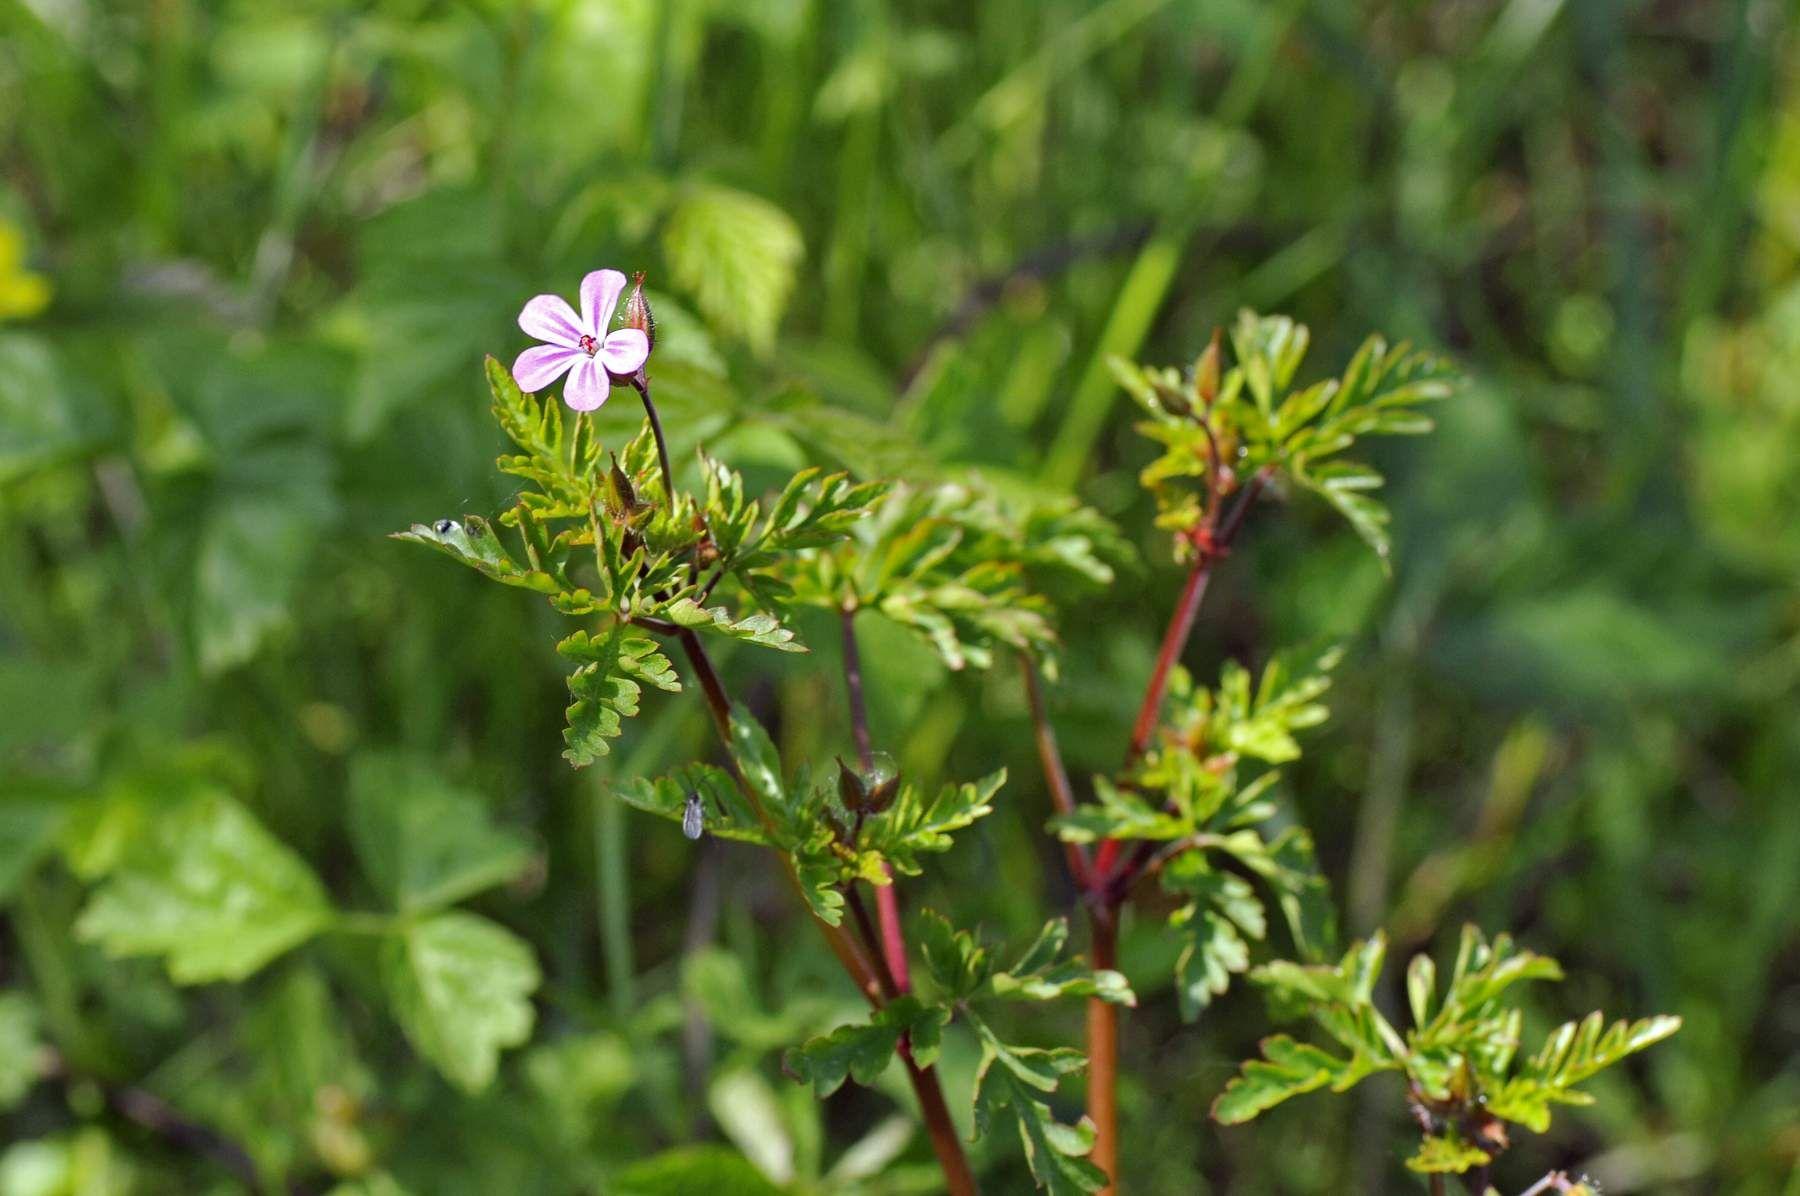 Erba cimicina (Geranium robertianum)